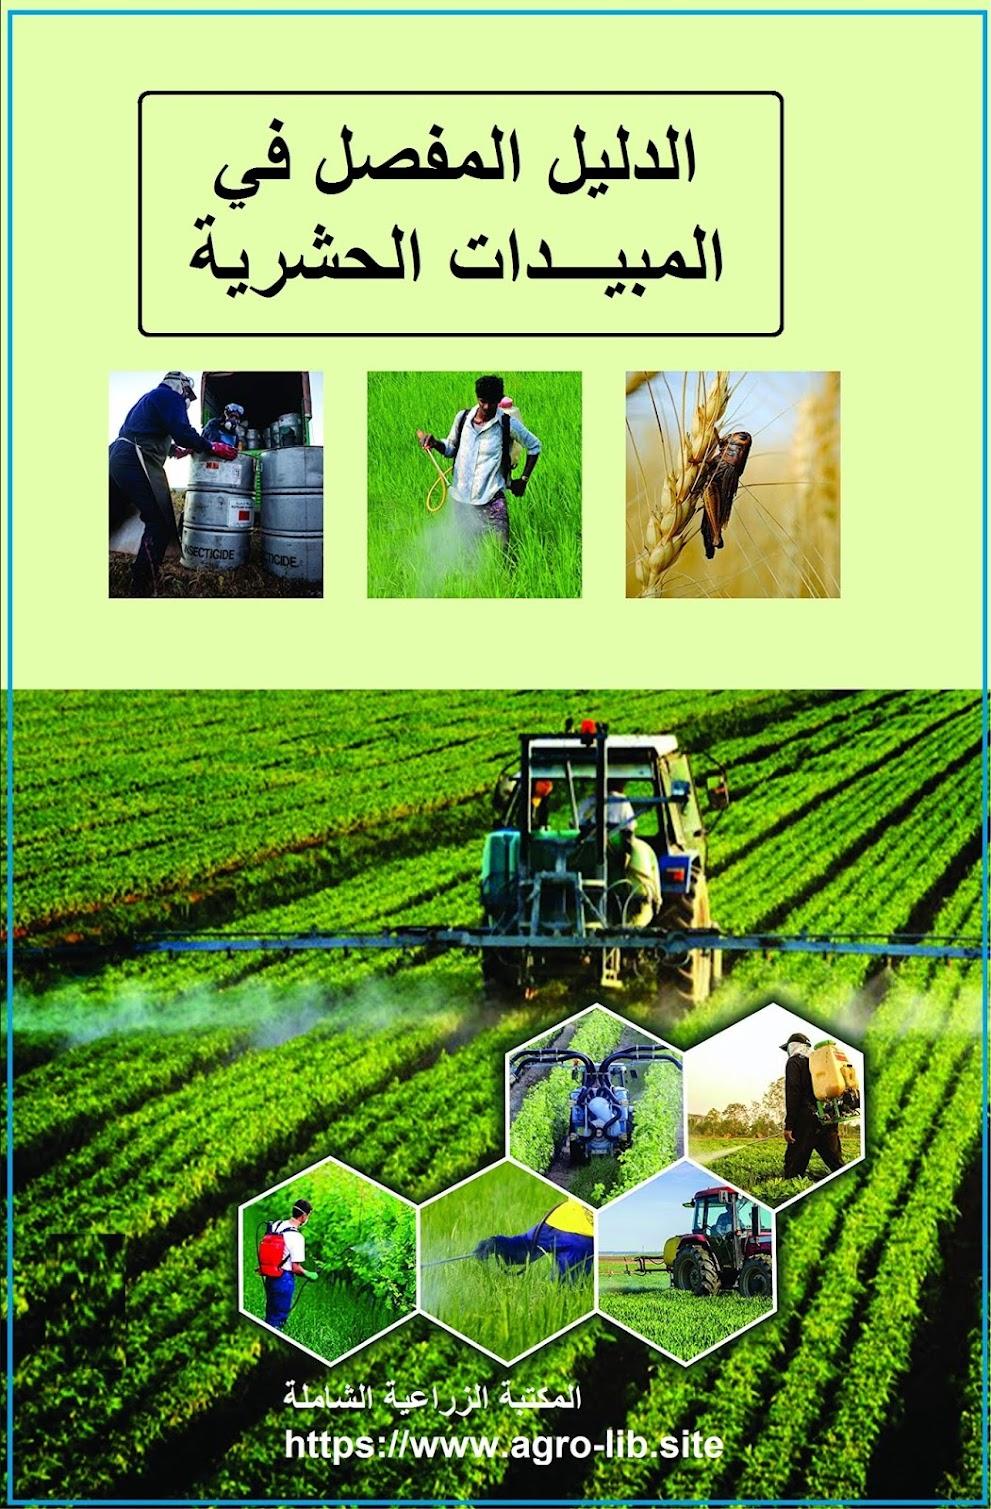 كتاب : الدليل المفصل في المبيدات الحشرية